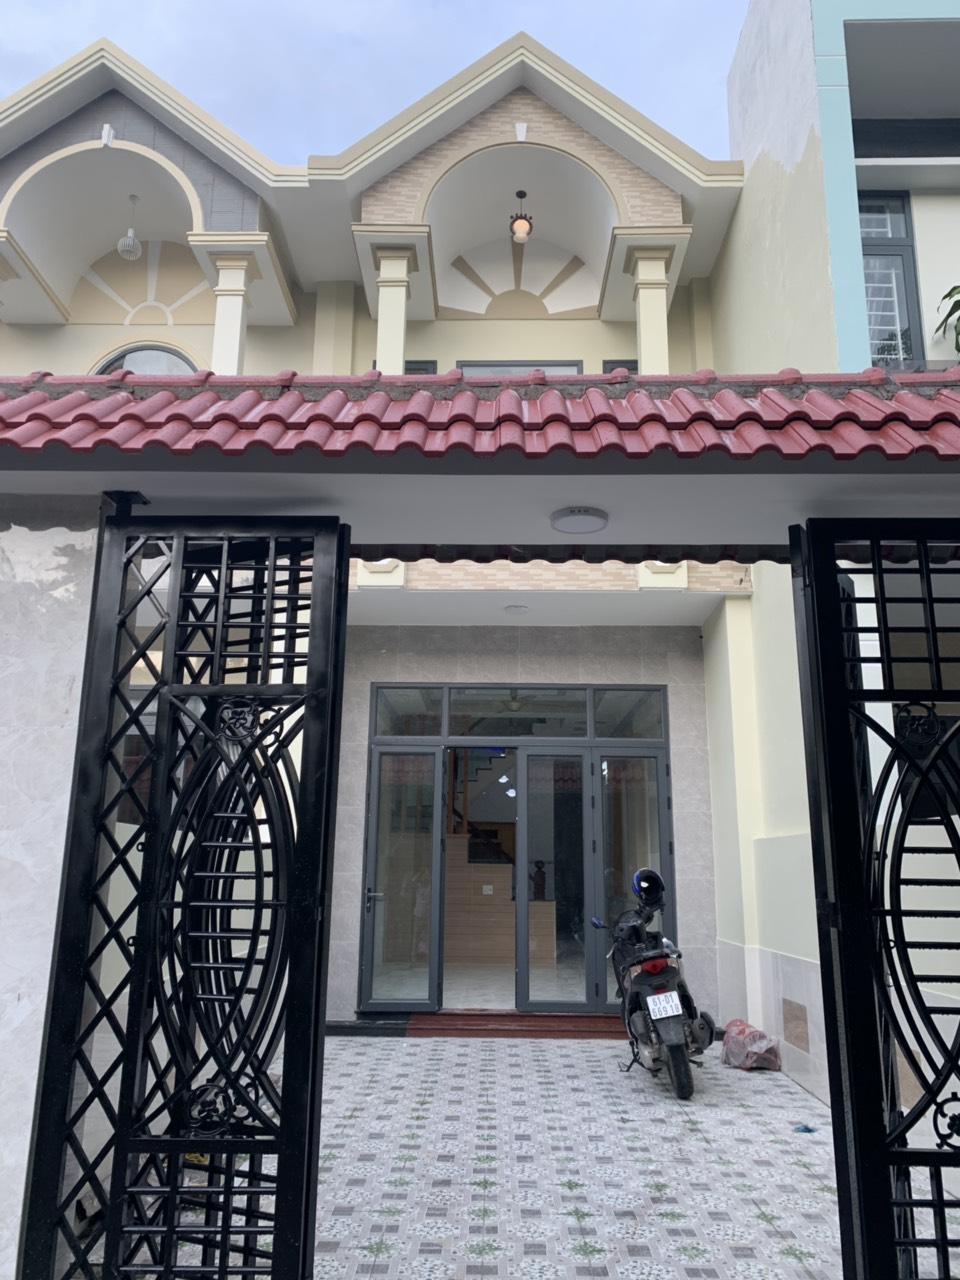 Bán nhà lầu trệt mới hoàn thiện cách trung tâm y tế Dĩ An 200m phường Tân Đông Hiệp thị xã Dĩ An